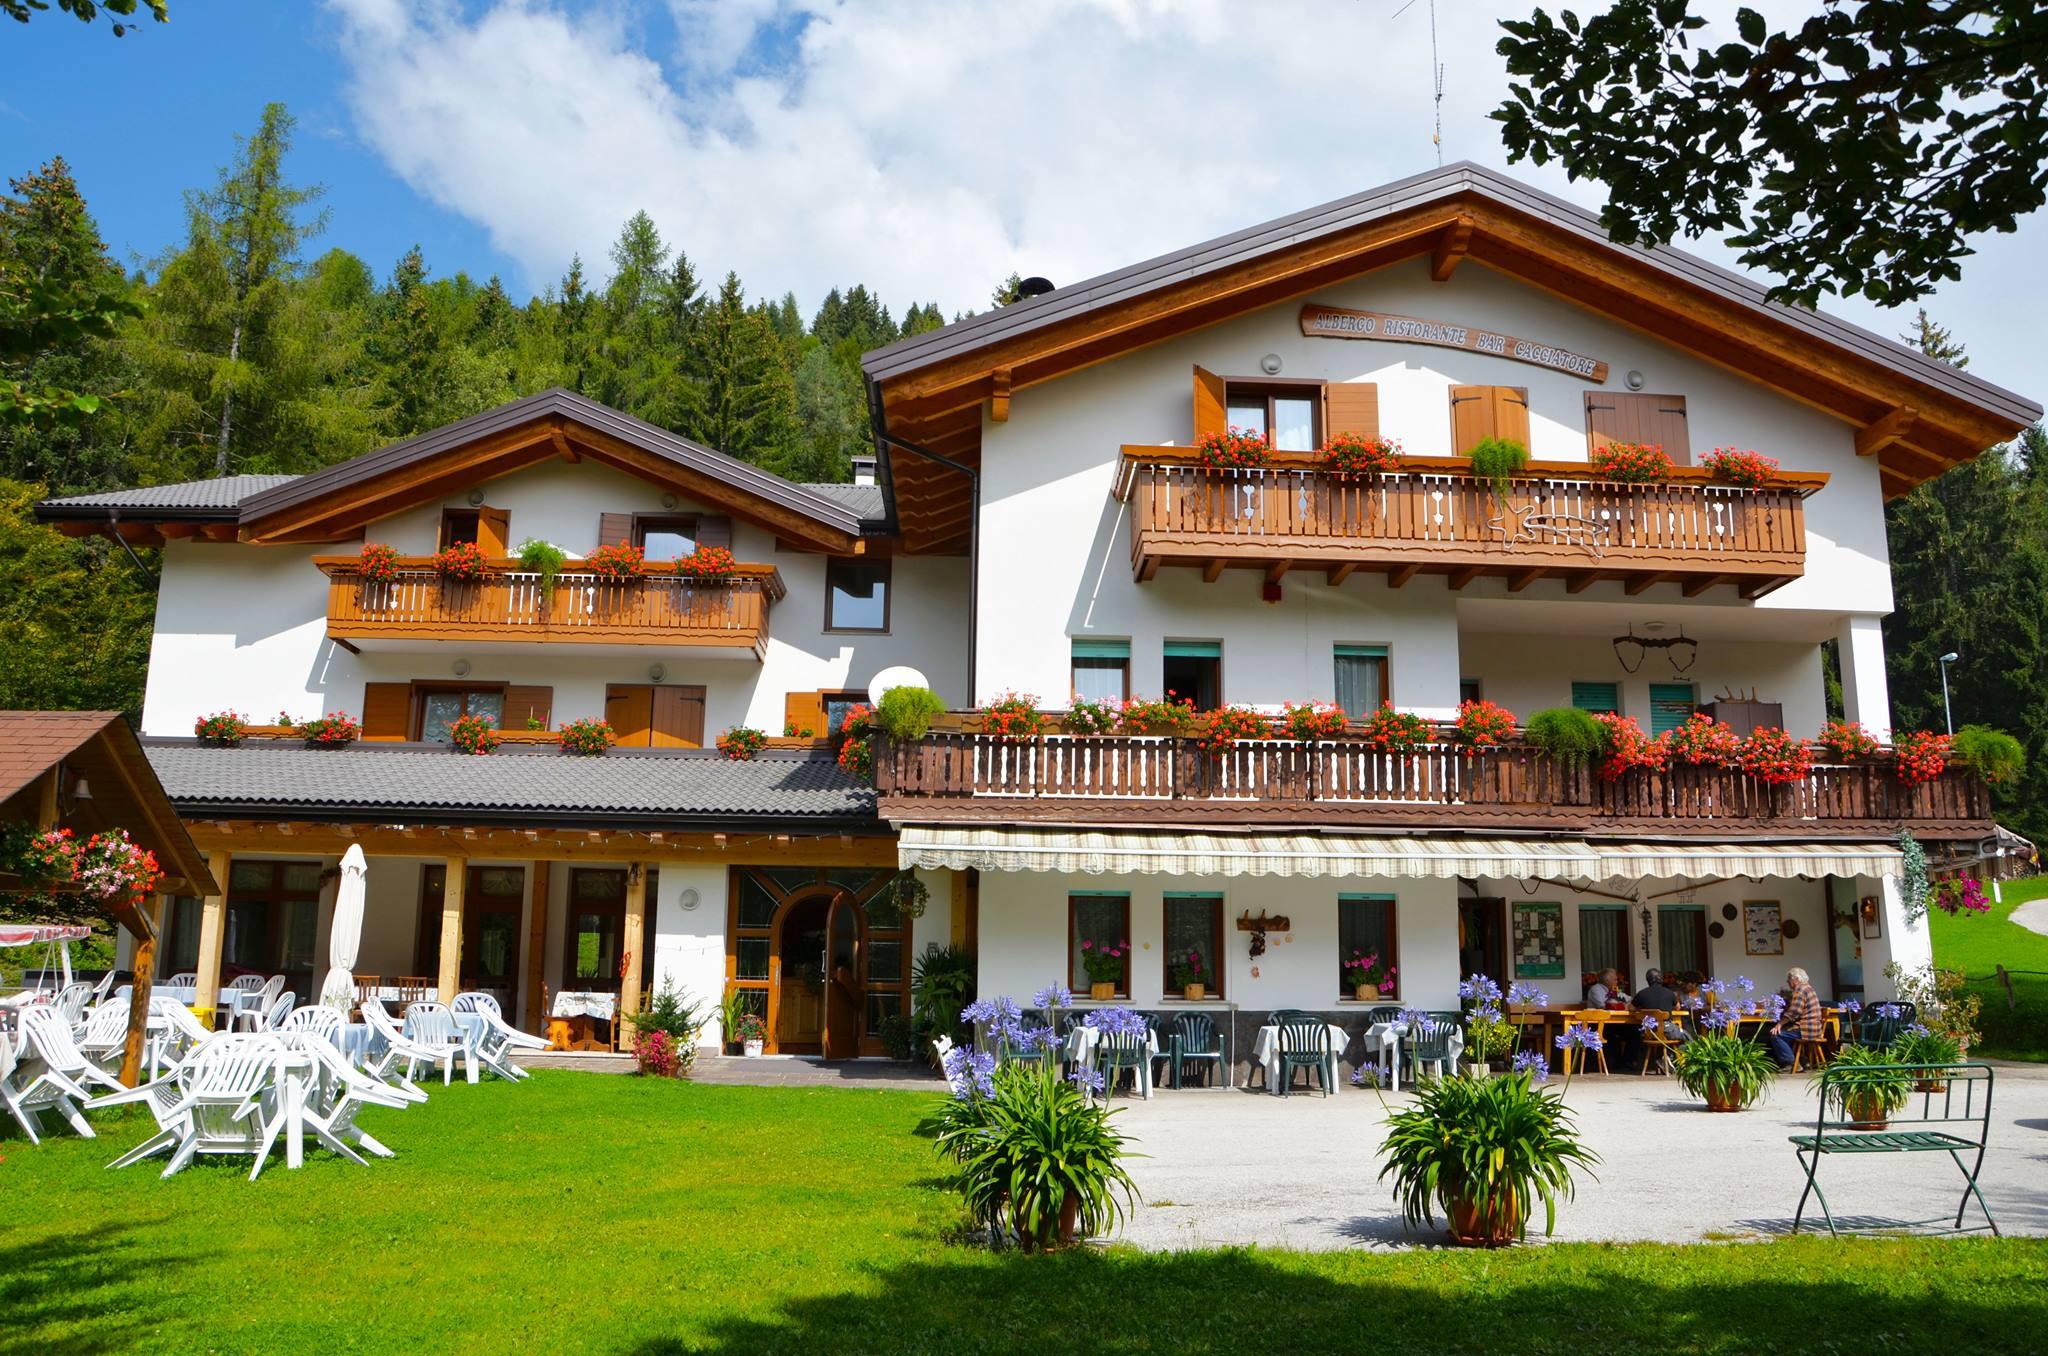 Pranzo all'aperto in montagna vicino a Trento